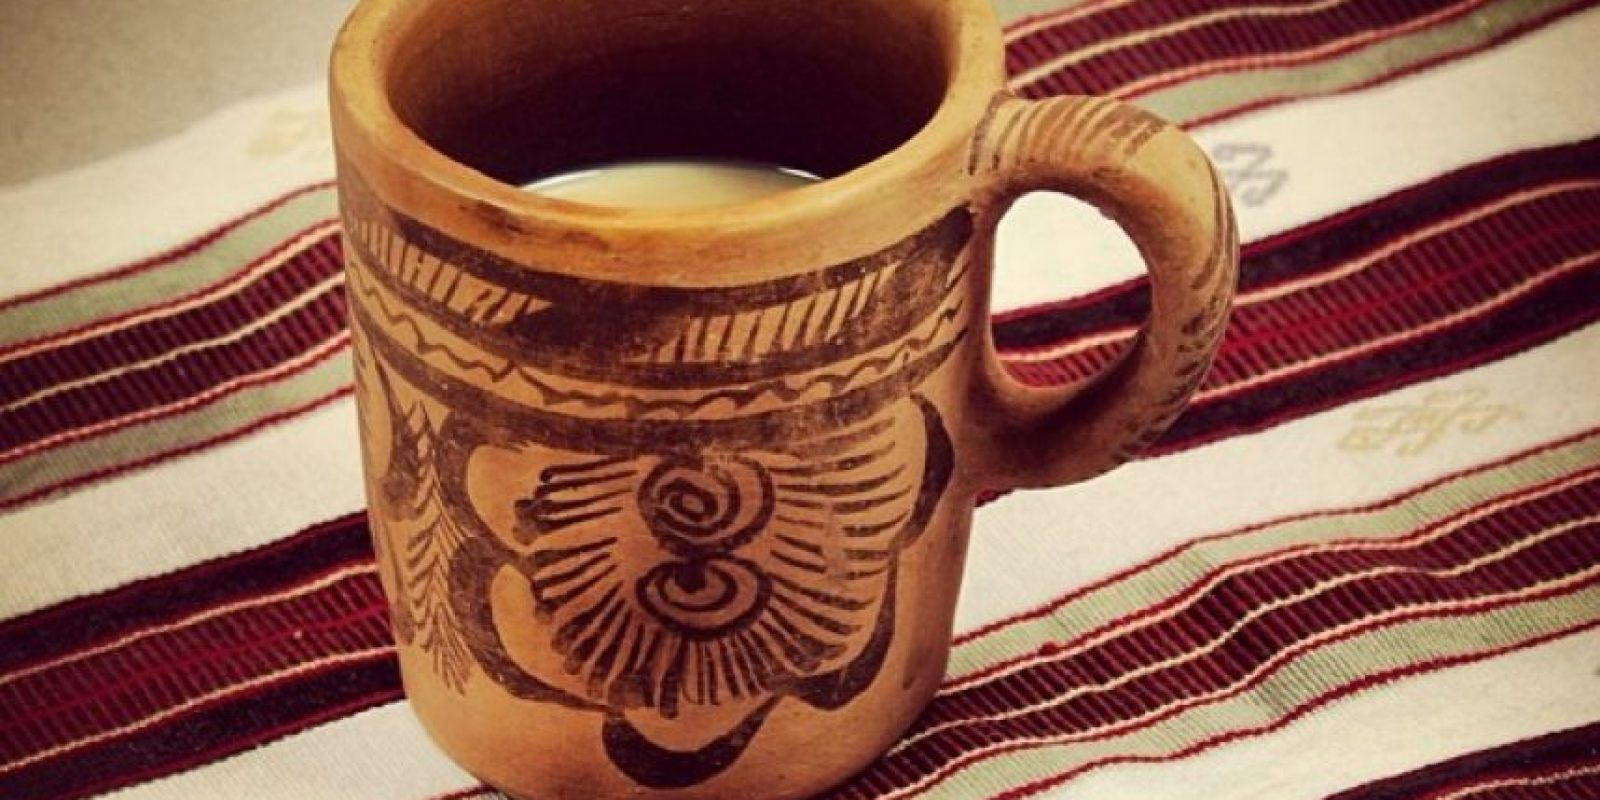 Foto://www.facebook.com/artefactomexico/